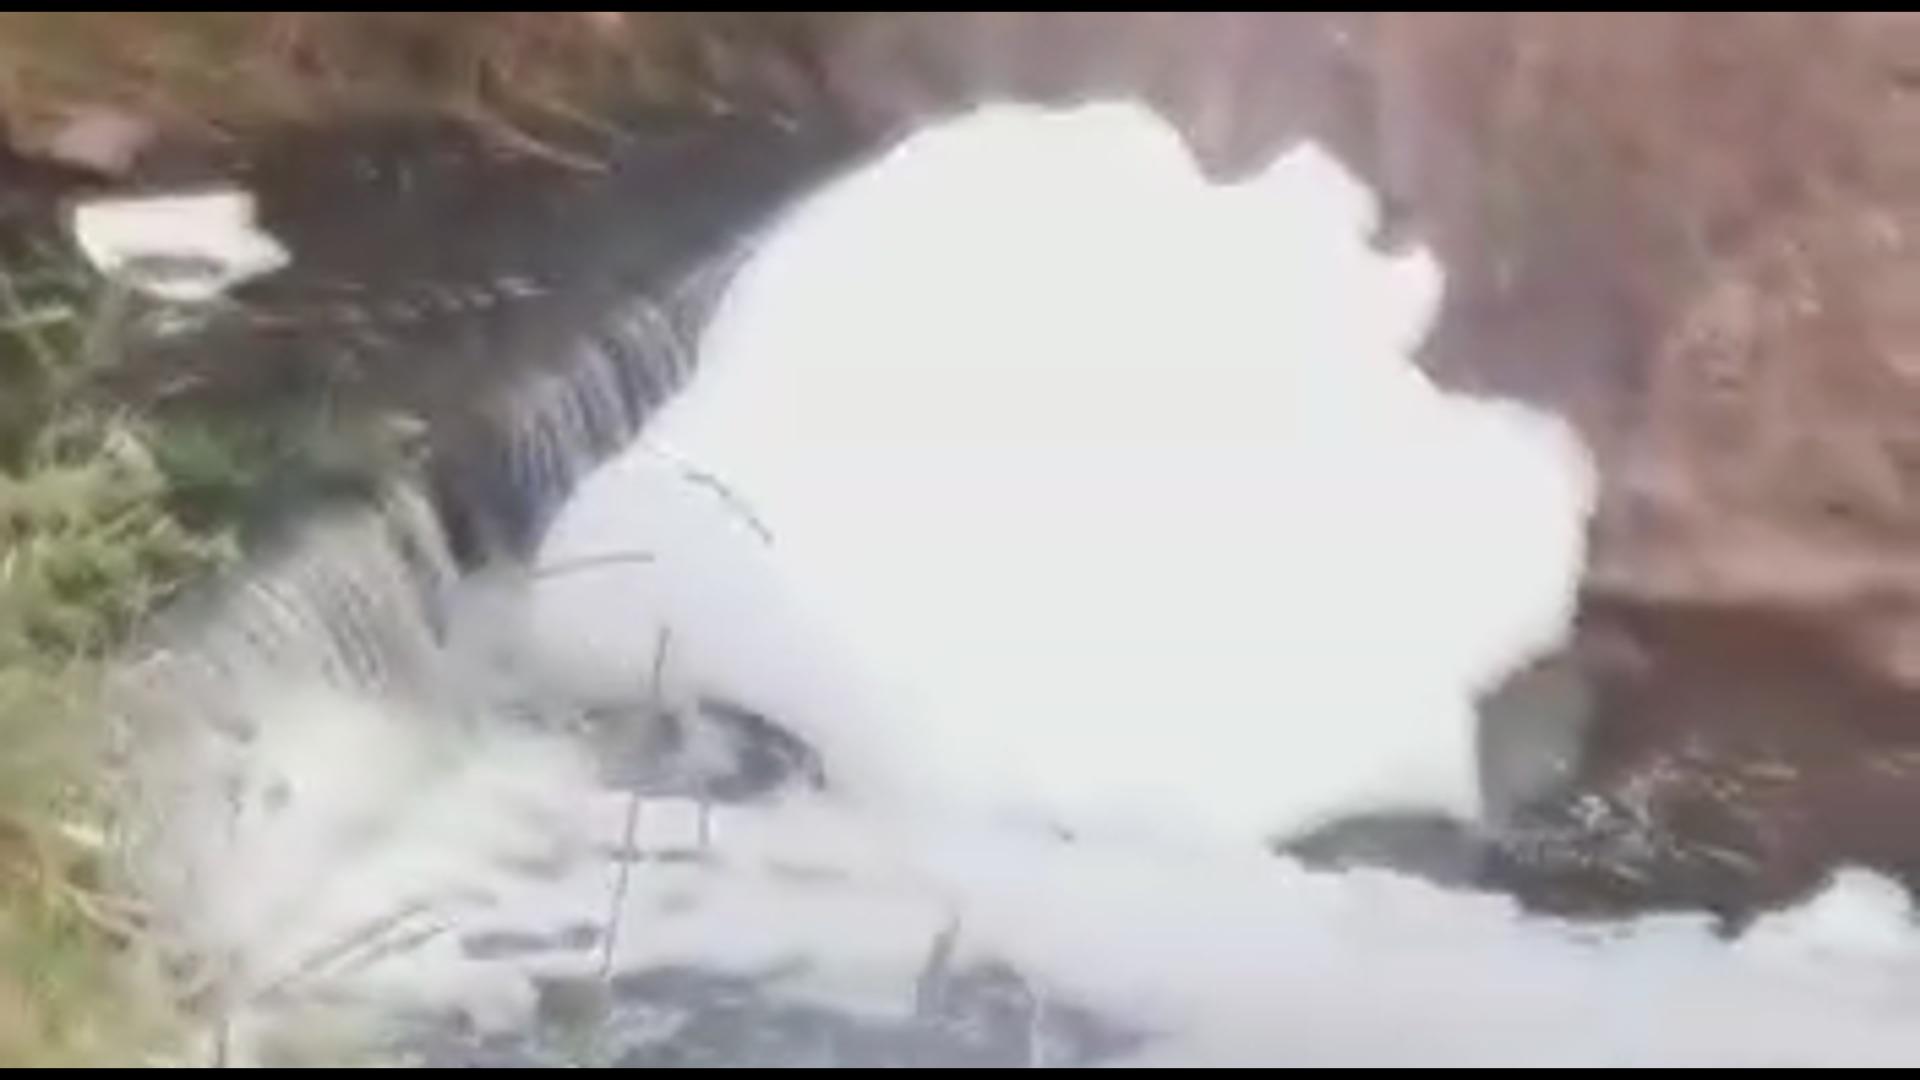 Espuma branca que apareceu em rio de Ingleses será investigada pela prefeitura